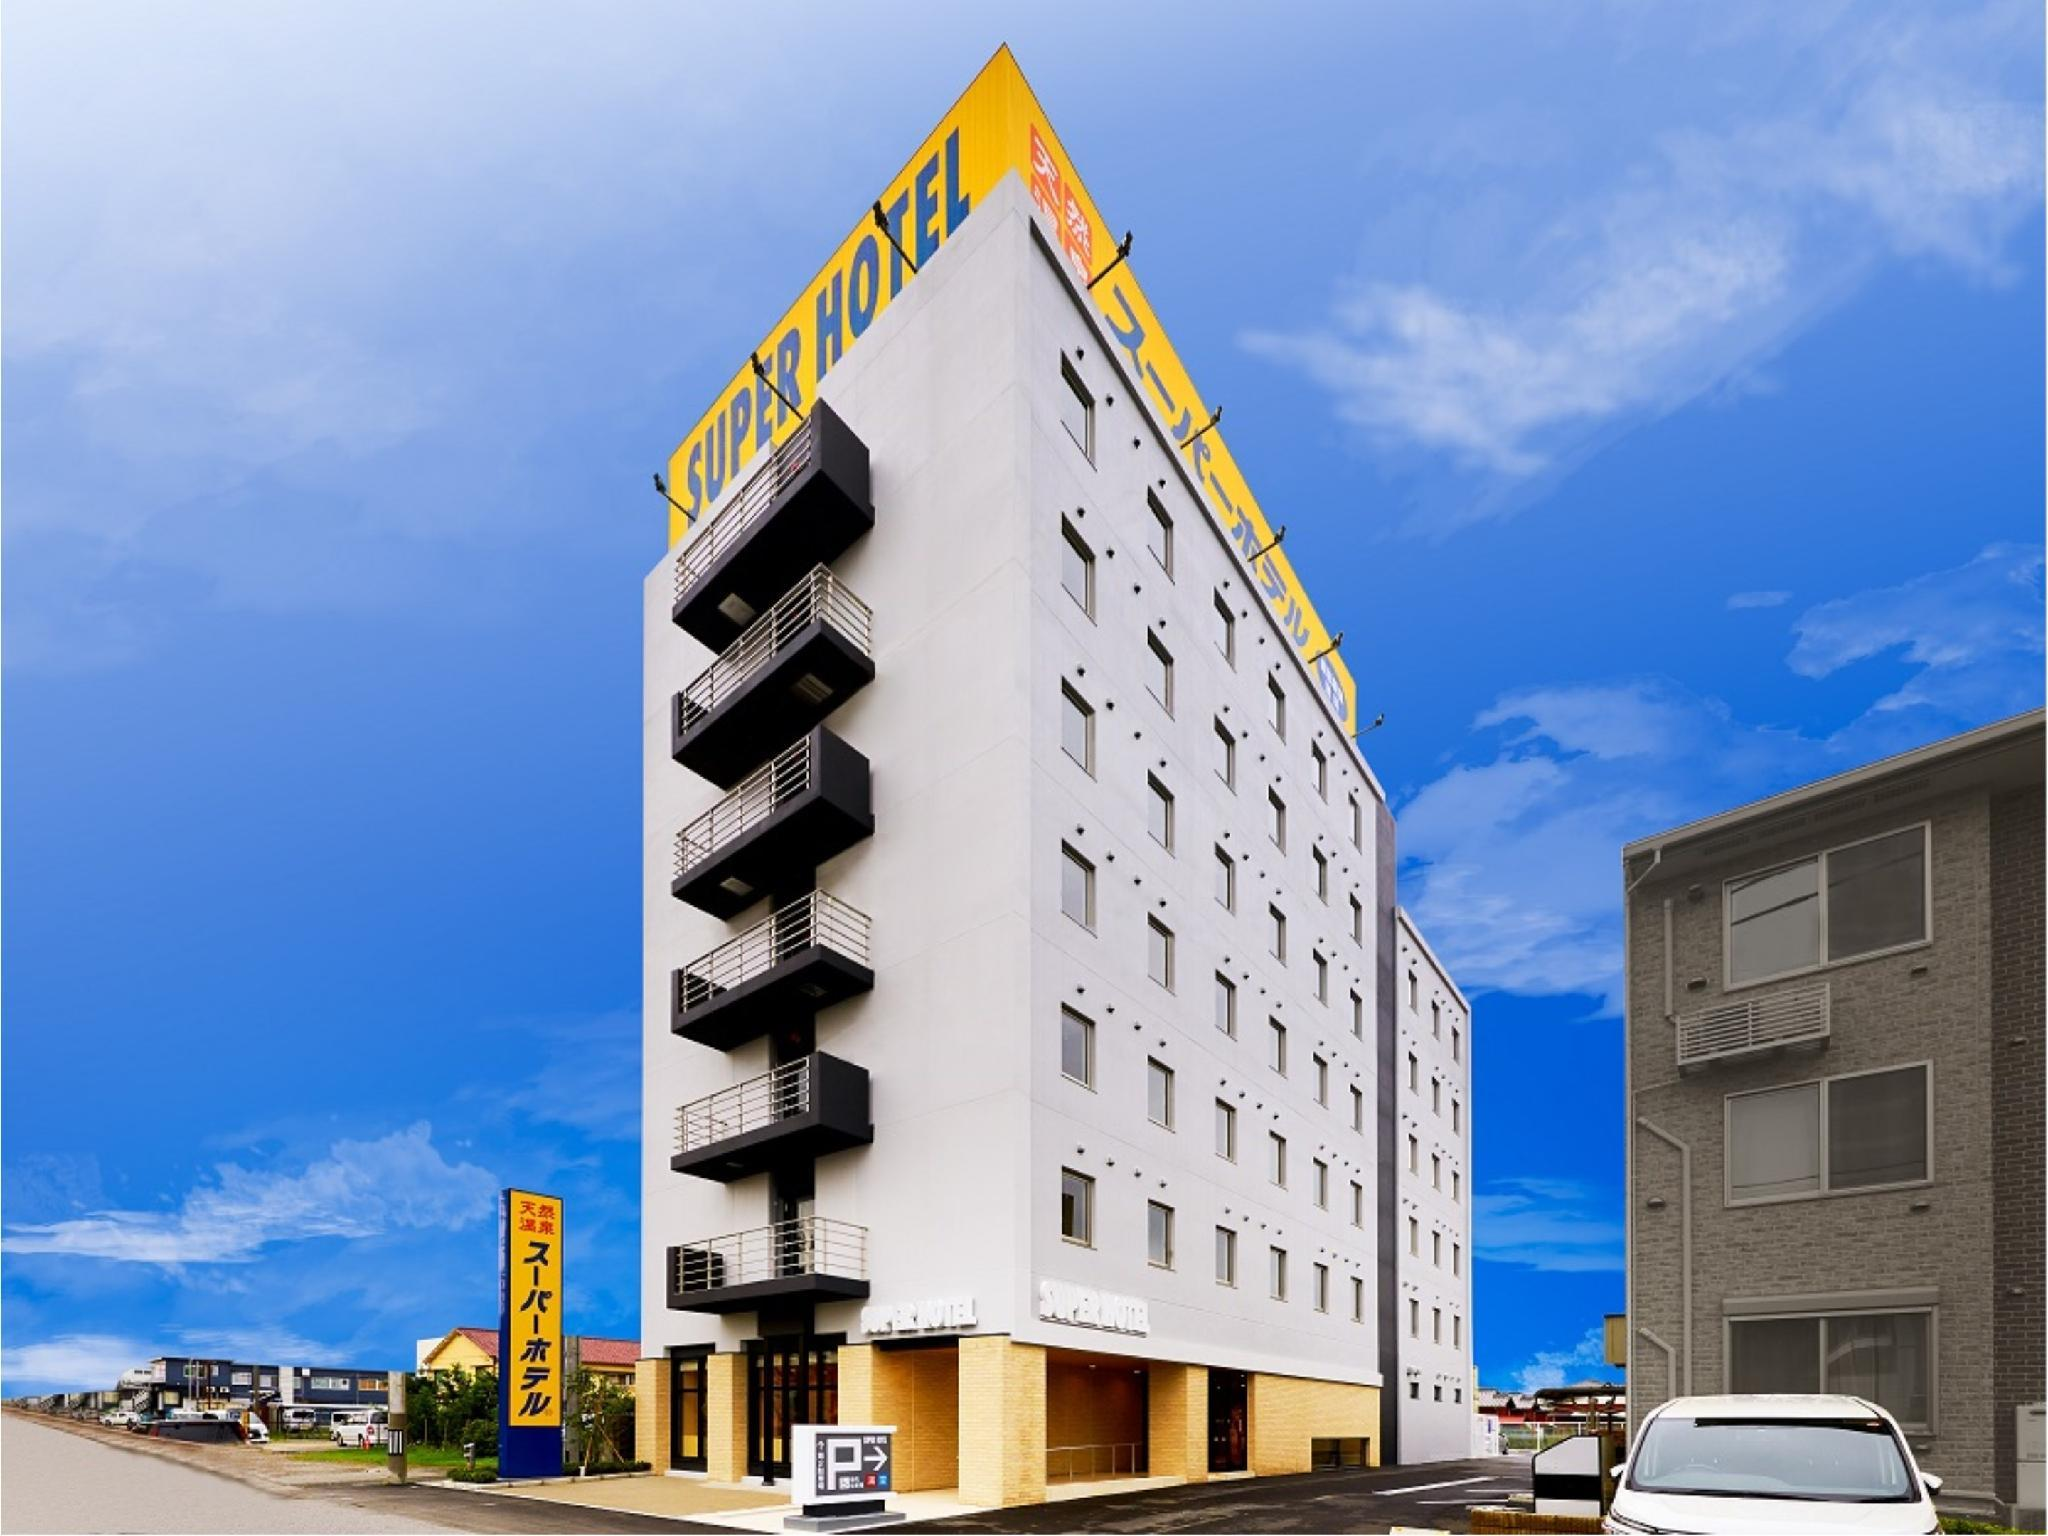 Super Hotel Chiba Ichihara